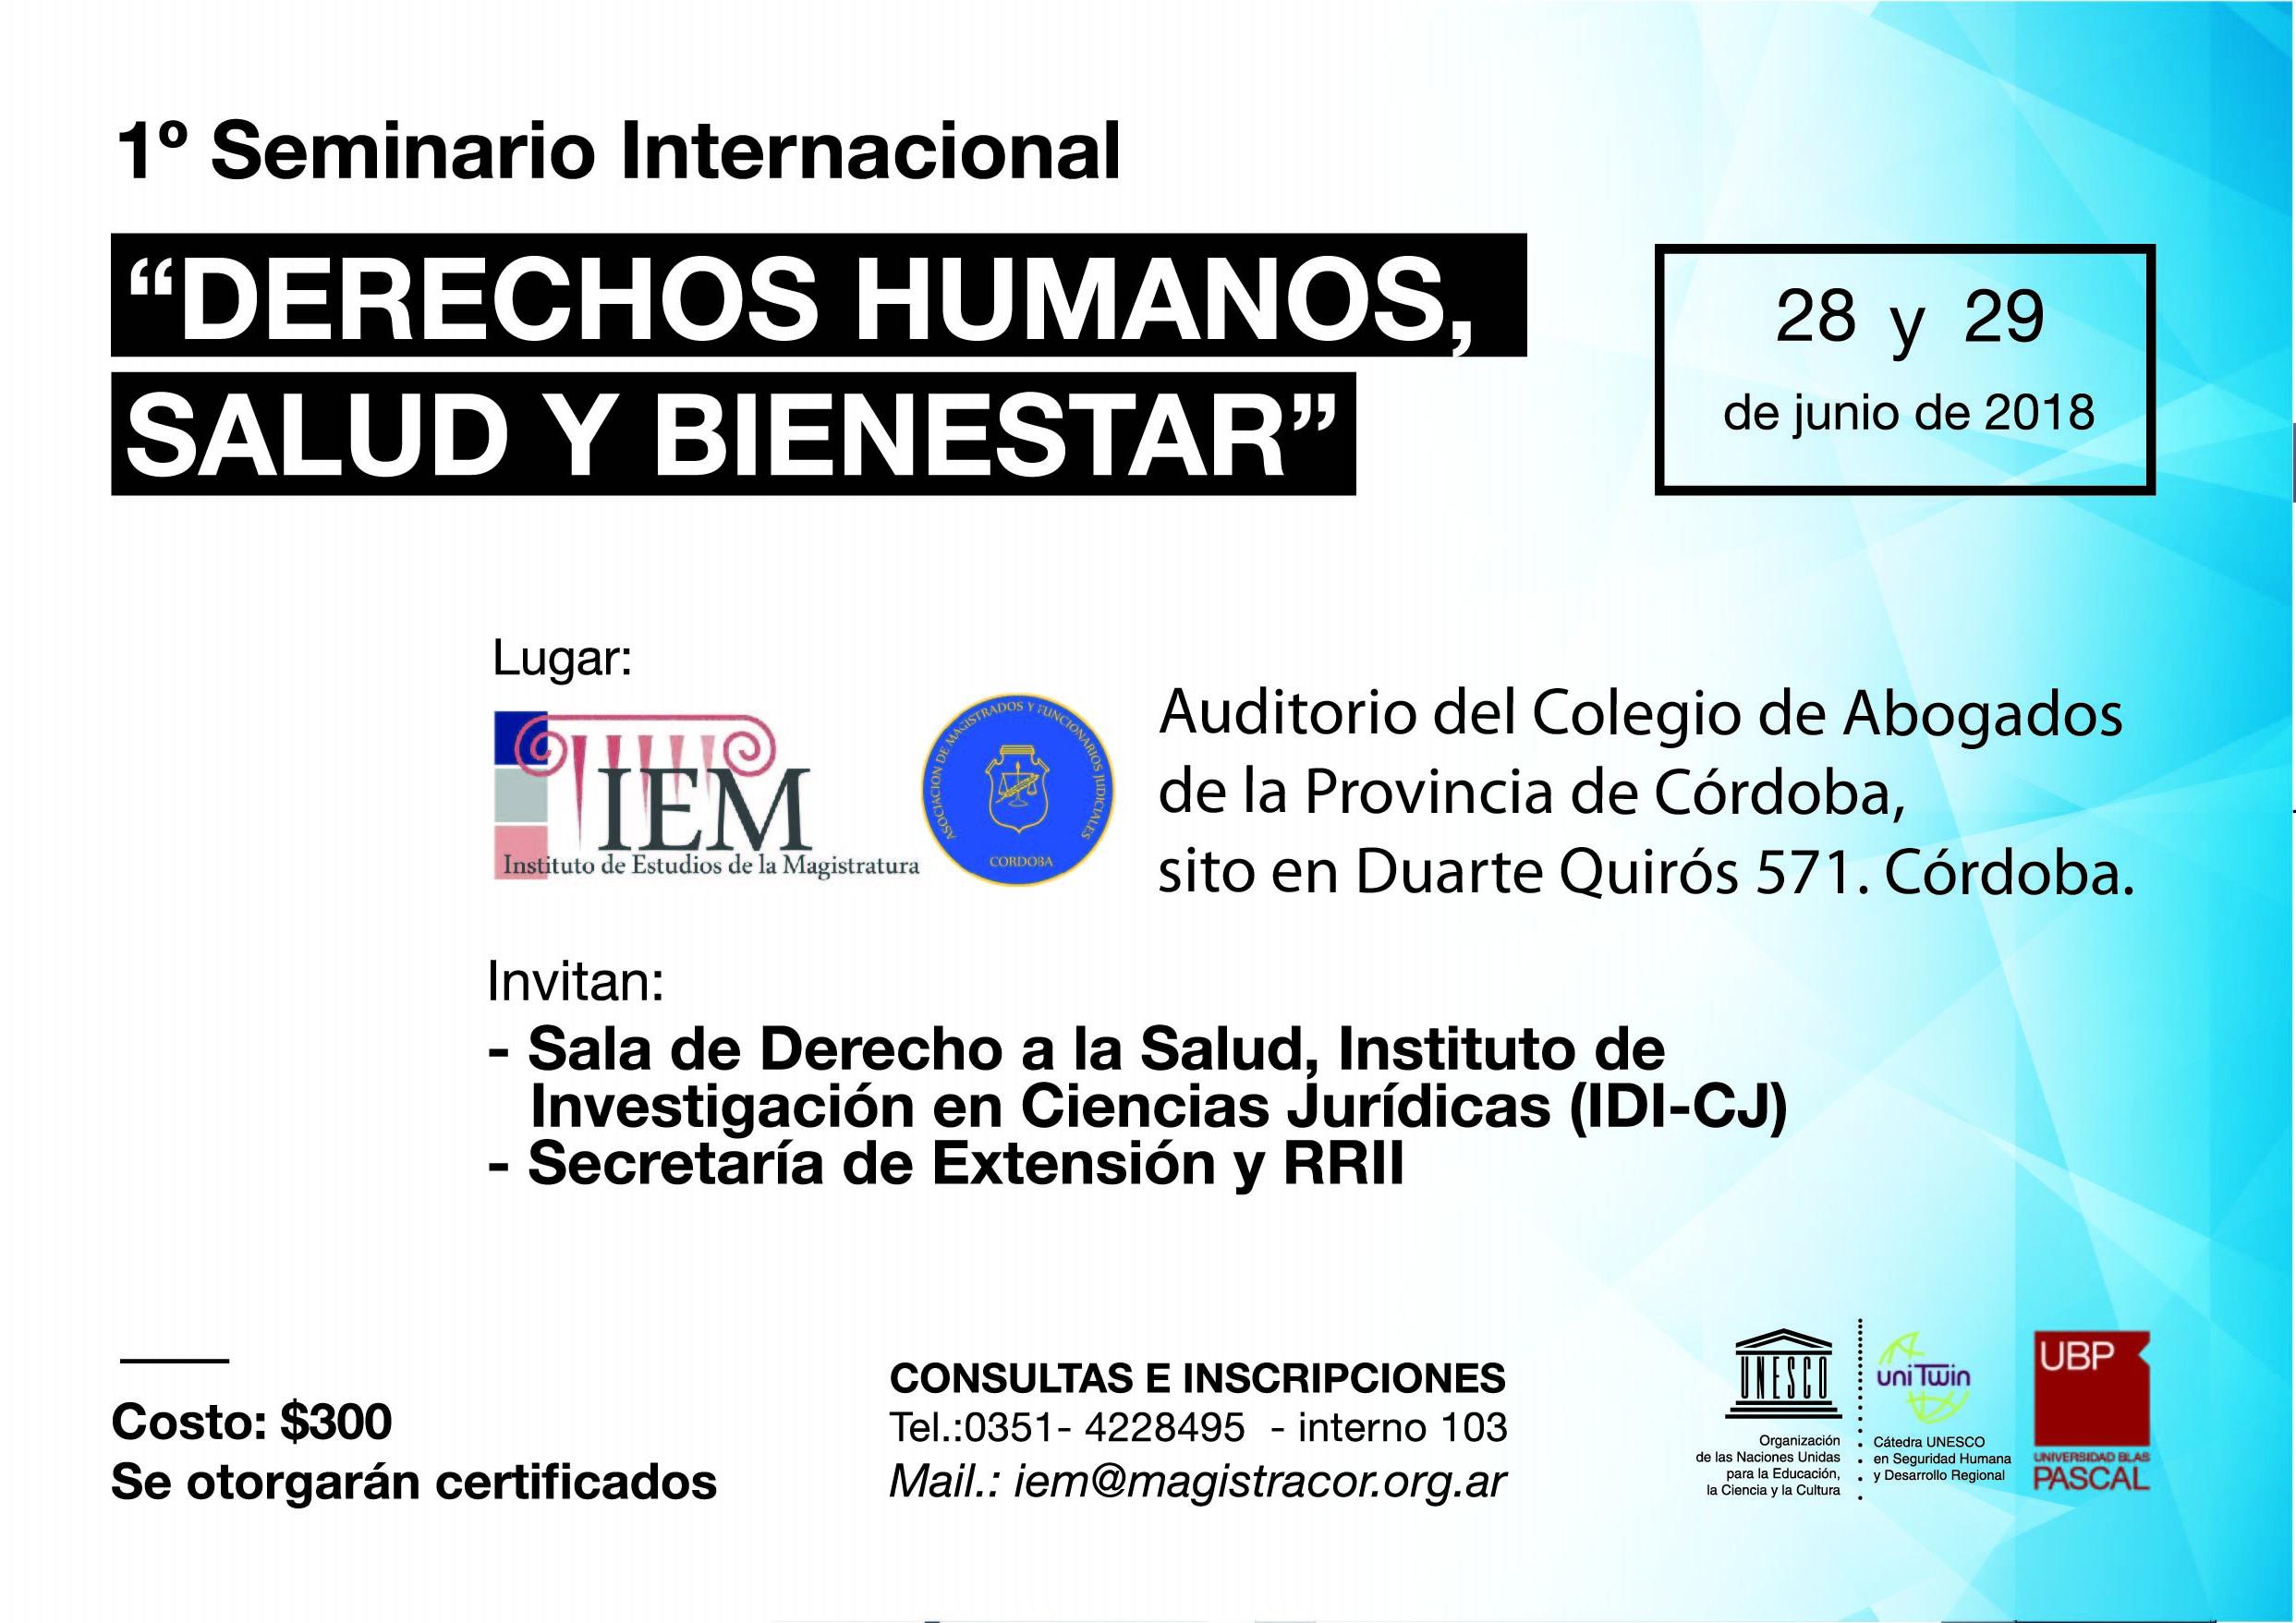 Seminario Internacional de DDHH, Salud y Bienestar